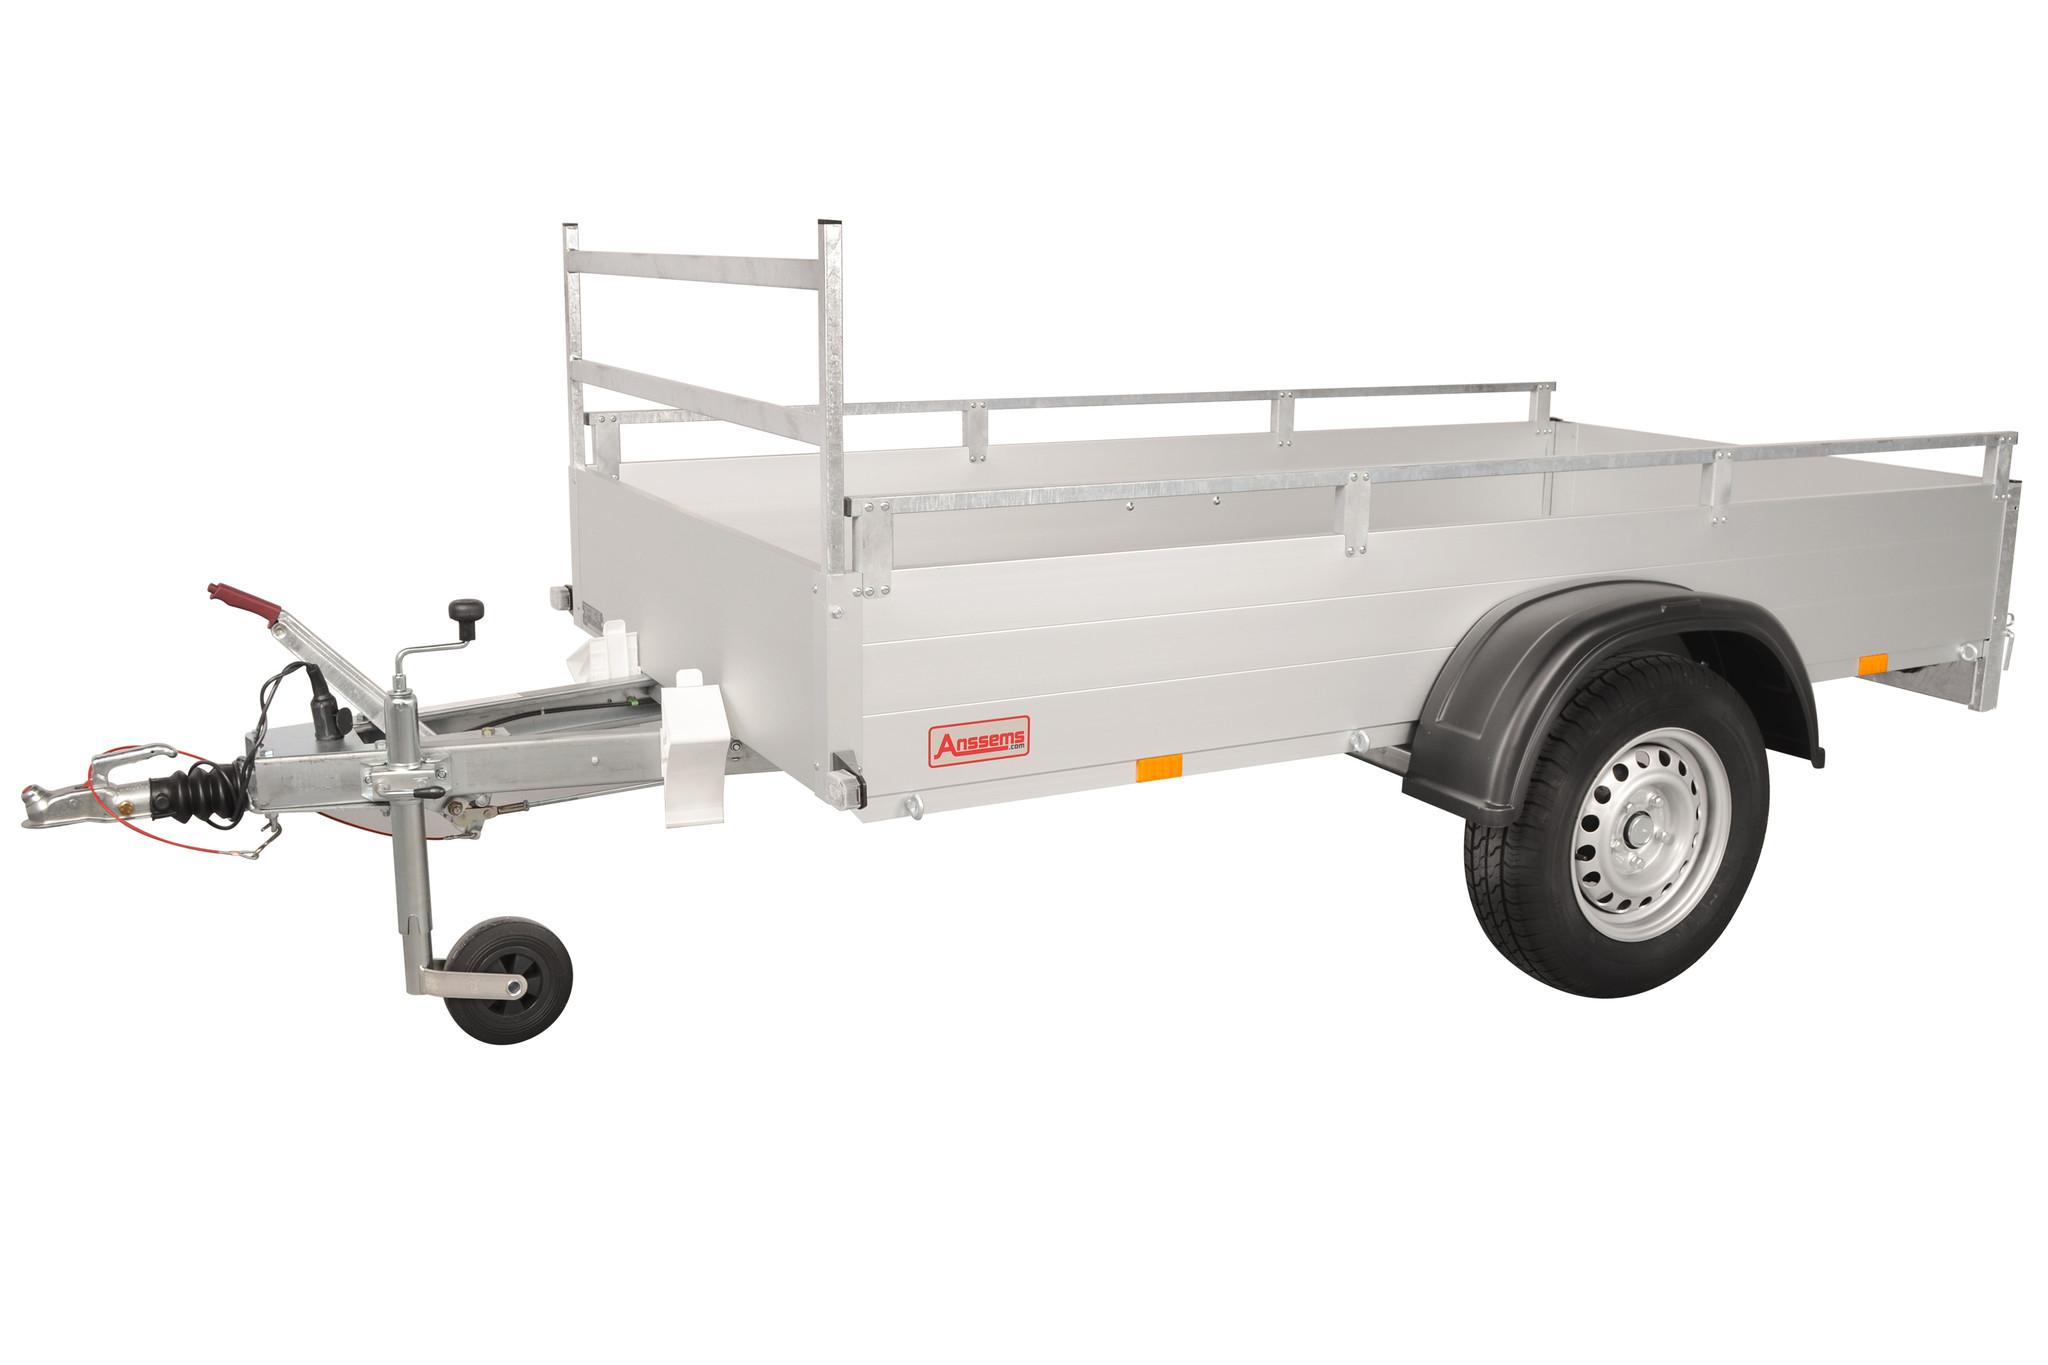 Anssems Anssems GTB 1200 R bakwagen - 1200 kg bruto laadvermogen - 301x126 cm laadoppervlak - geremd - inclusief reling en voorrek